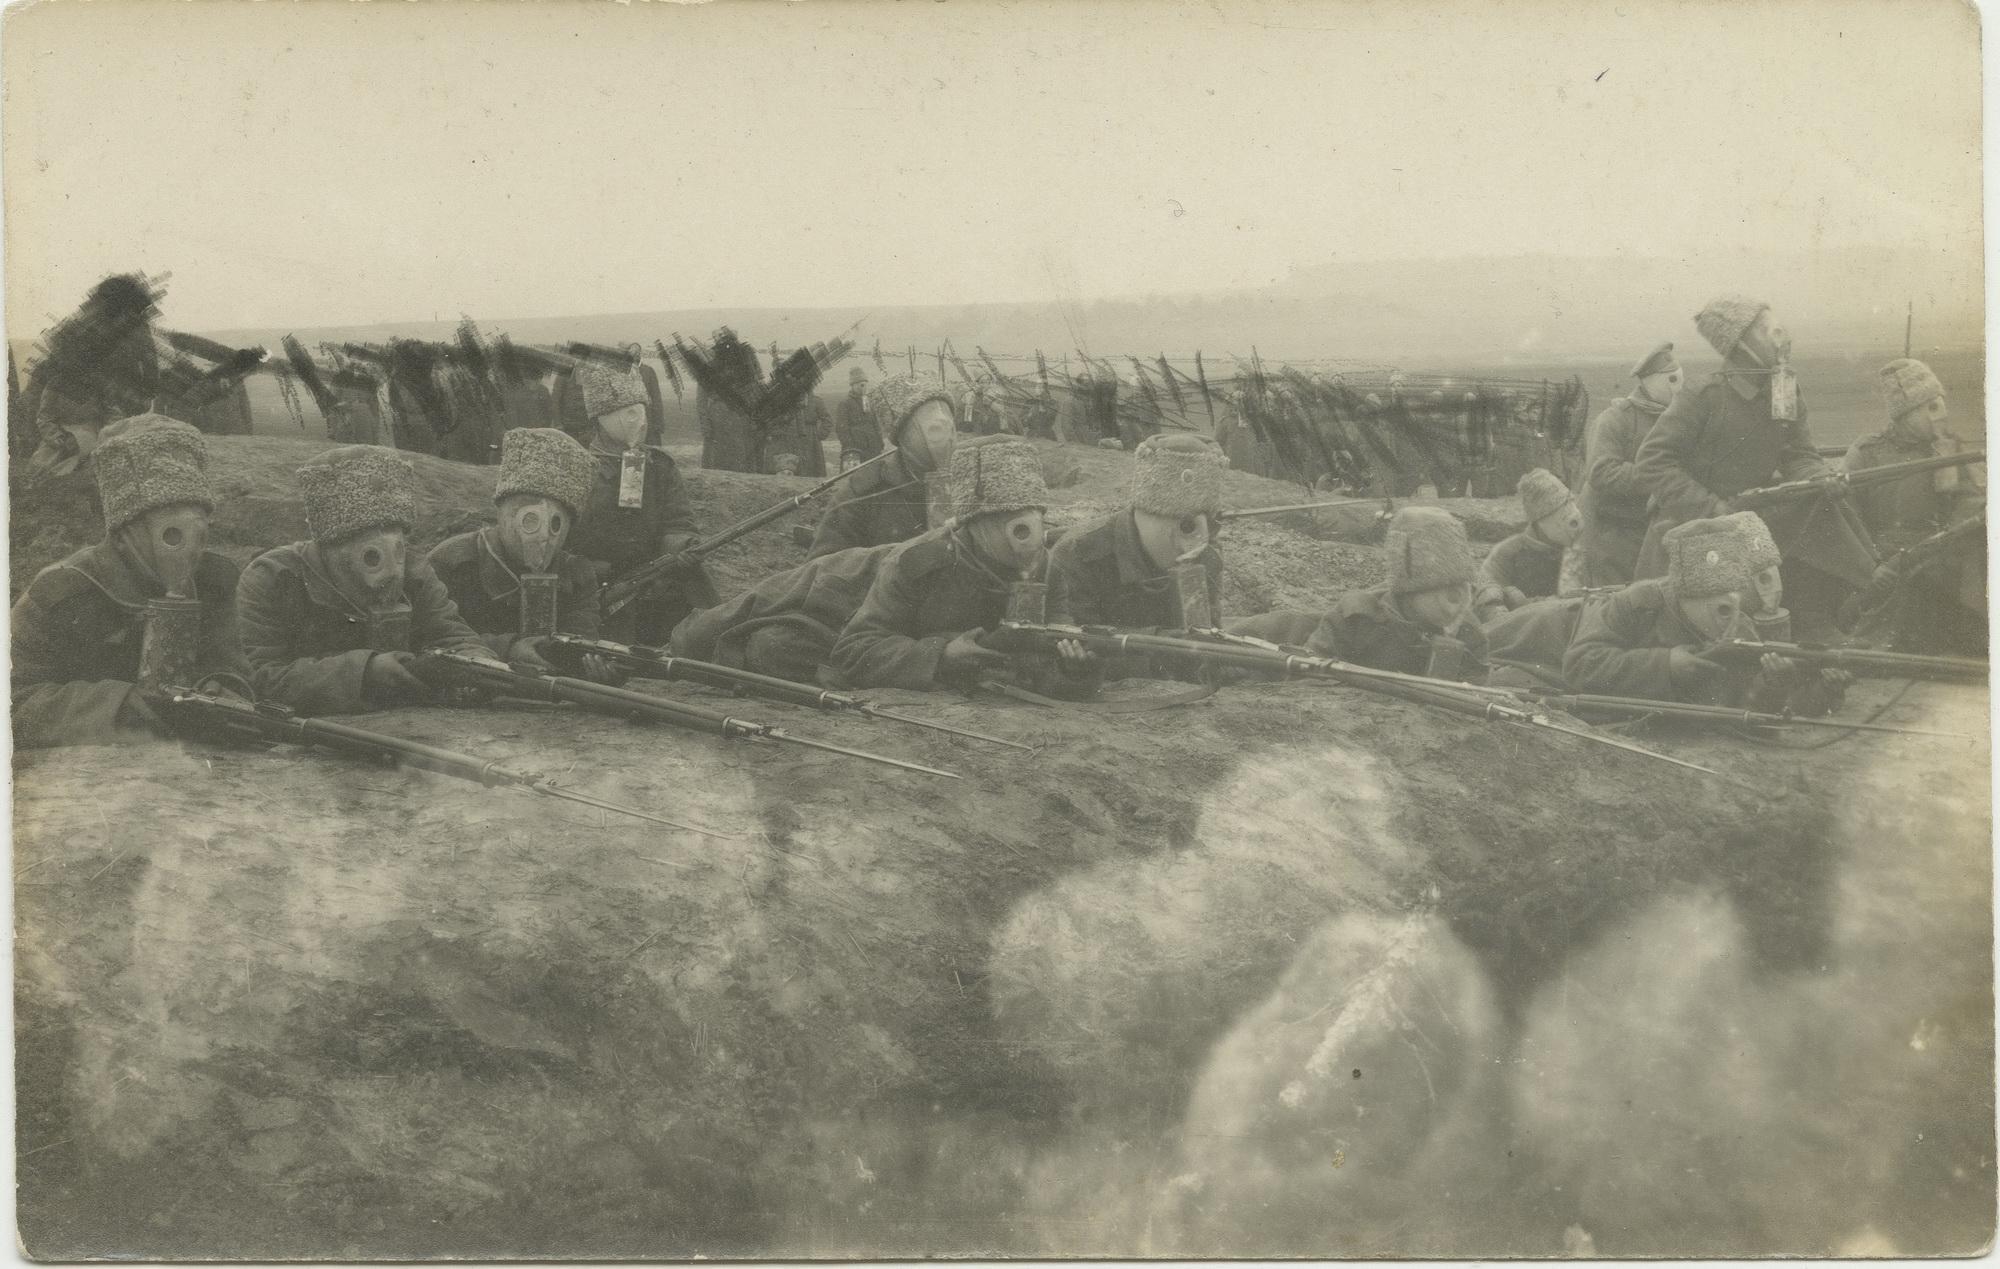 1916. Неприятель атакует удушливыми газами